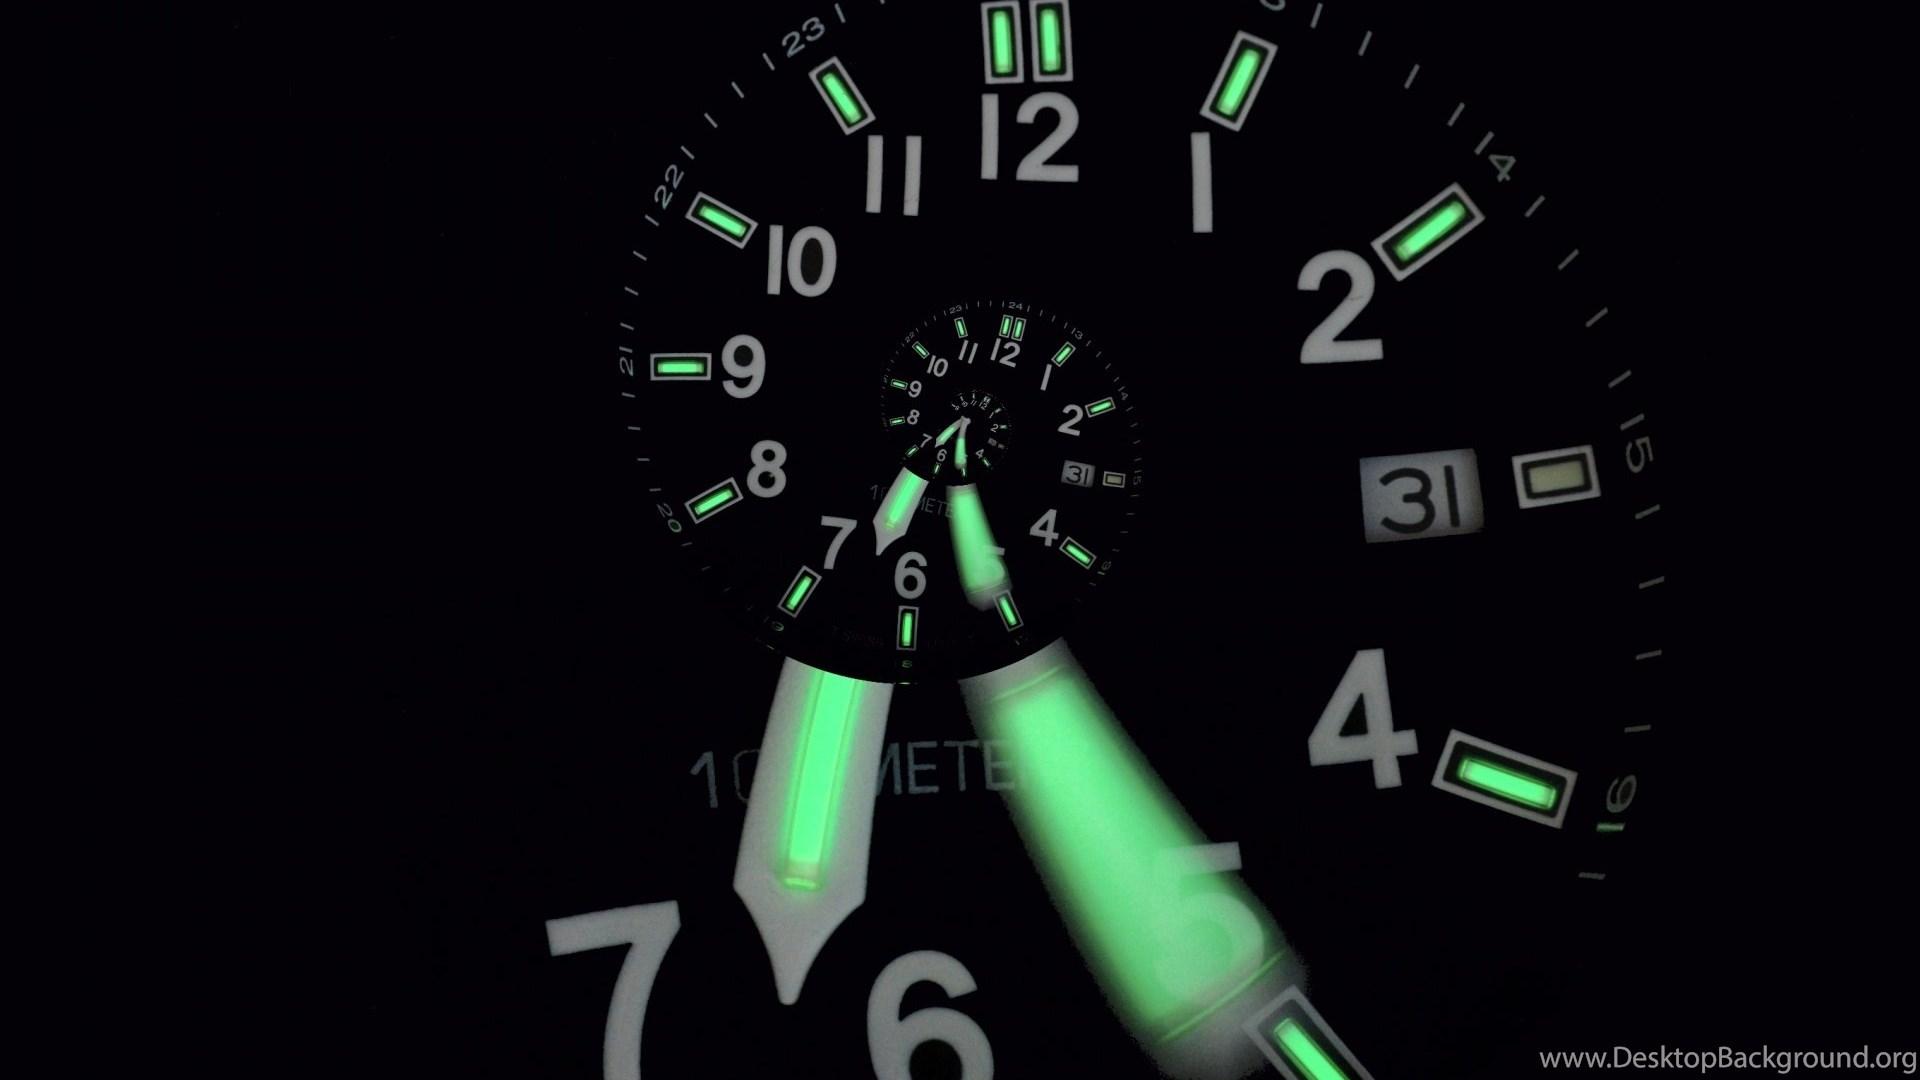 скачать заставку на мой телефон nokio x2 заставку часы